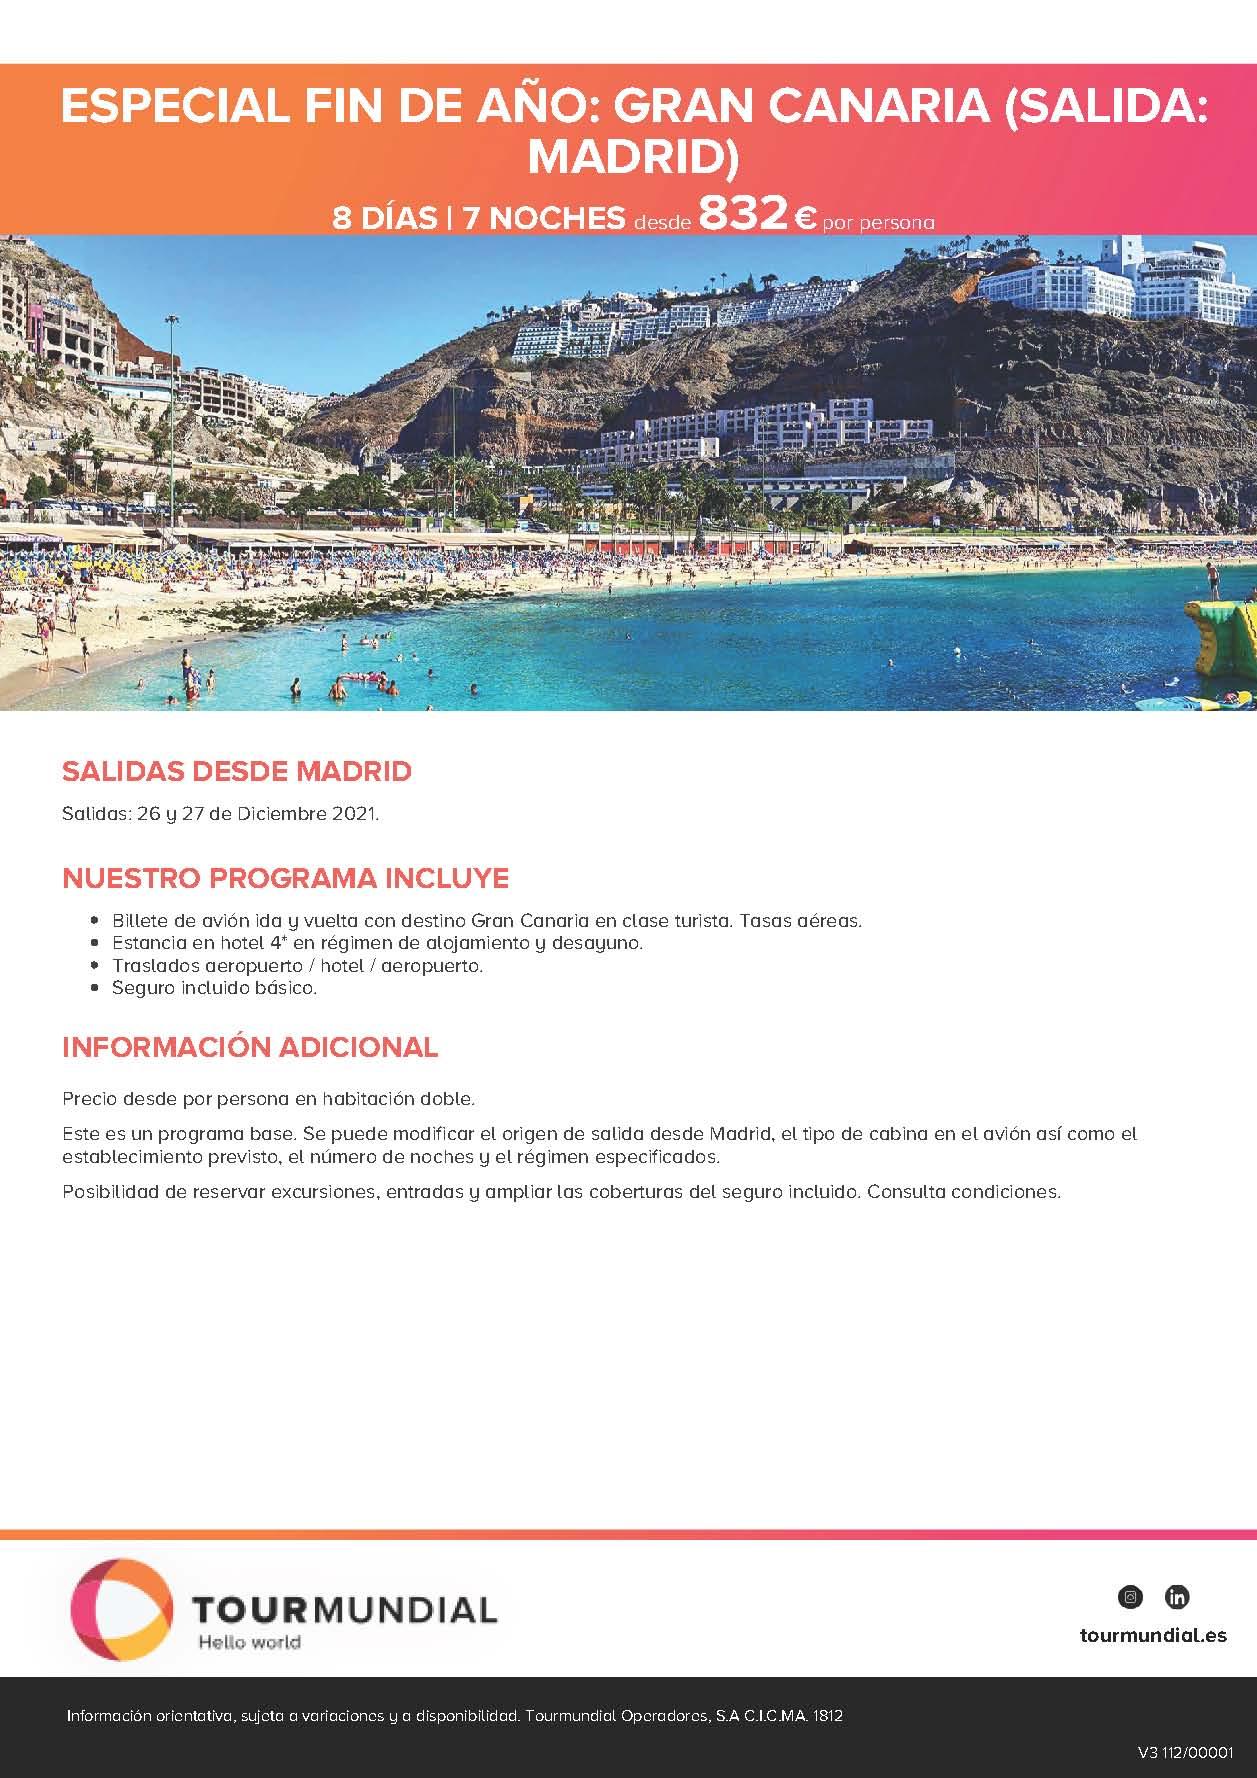 Oferta Tourmundial Fin de Año 2021 en Gran Canaria salidas 26 y 27 de diciembre desde Madrid